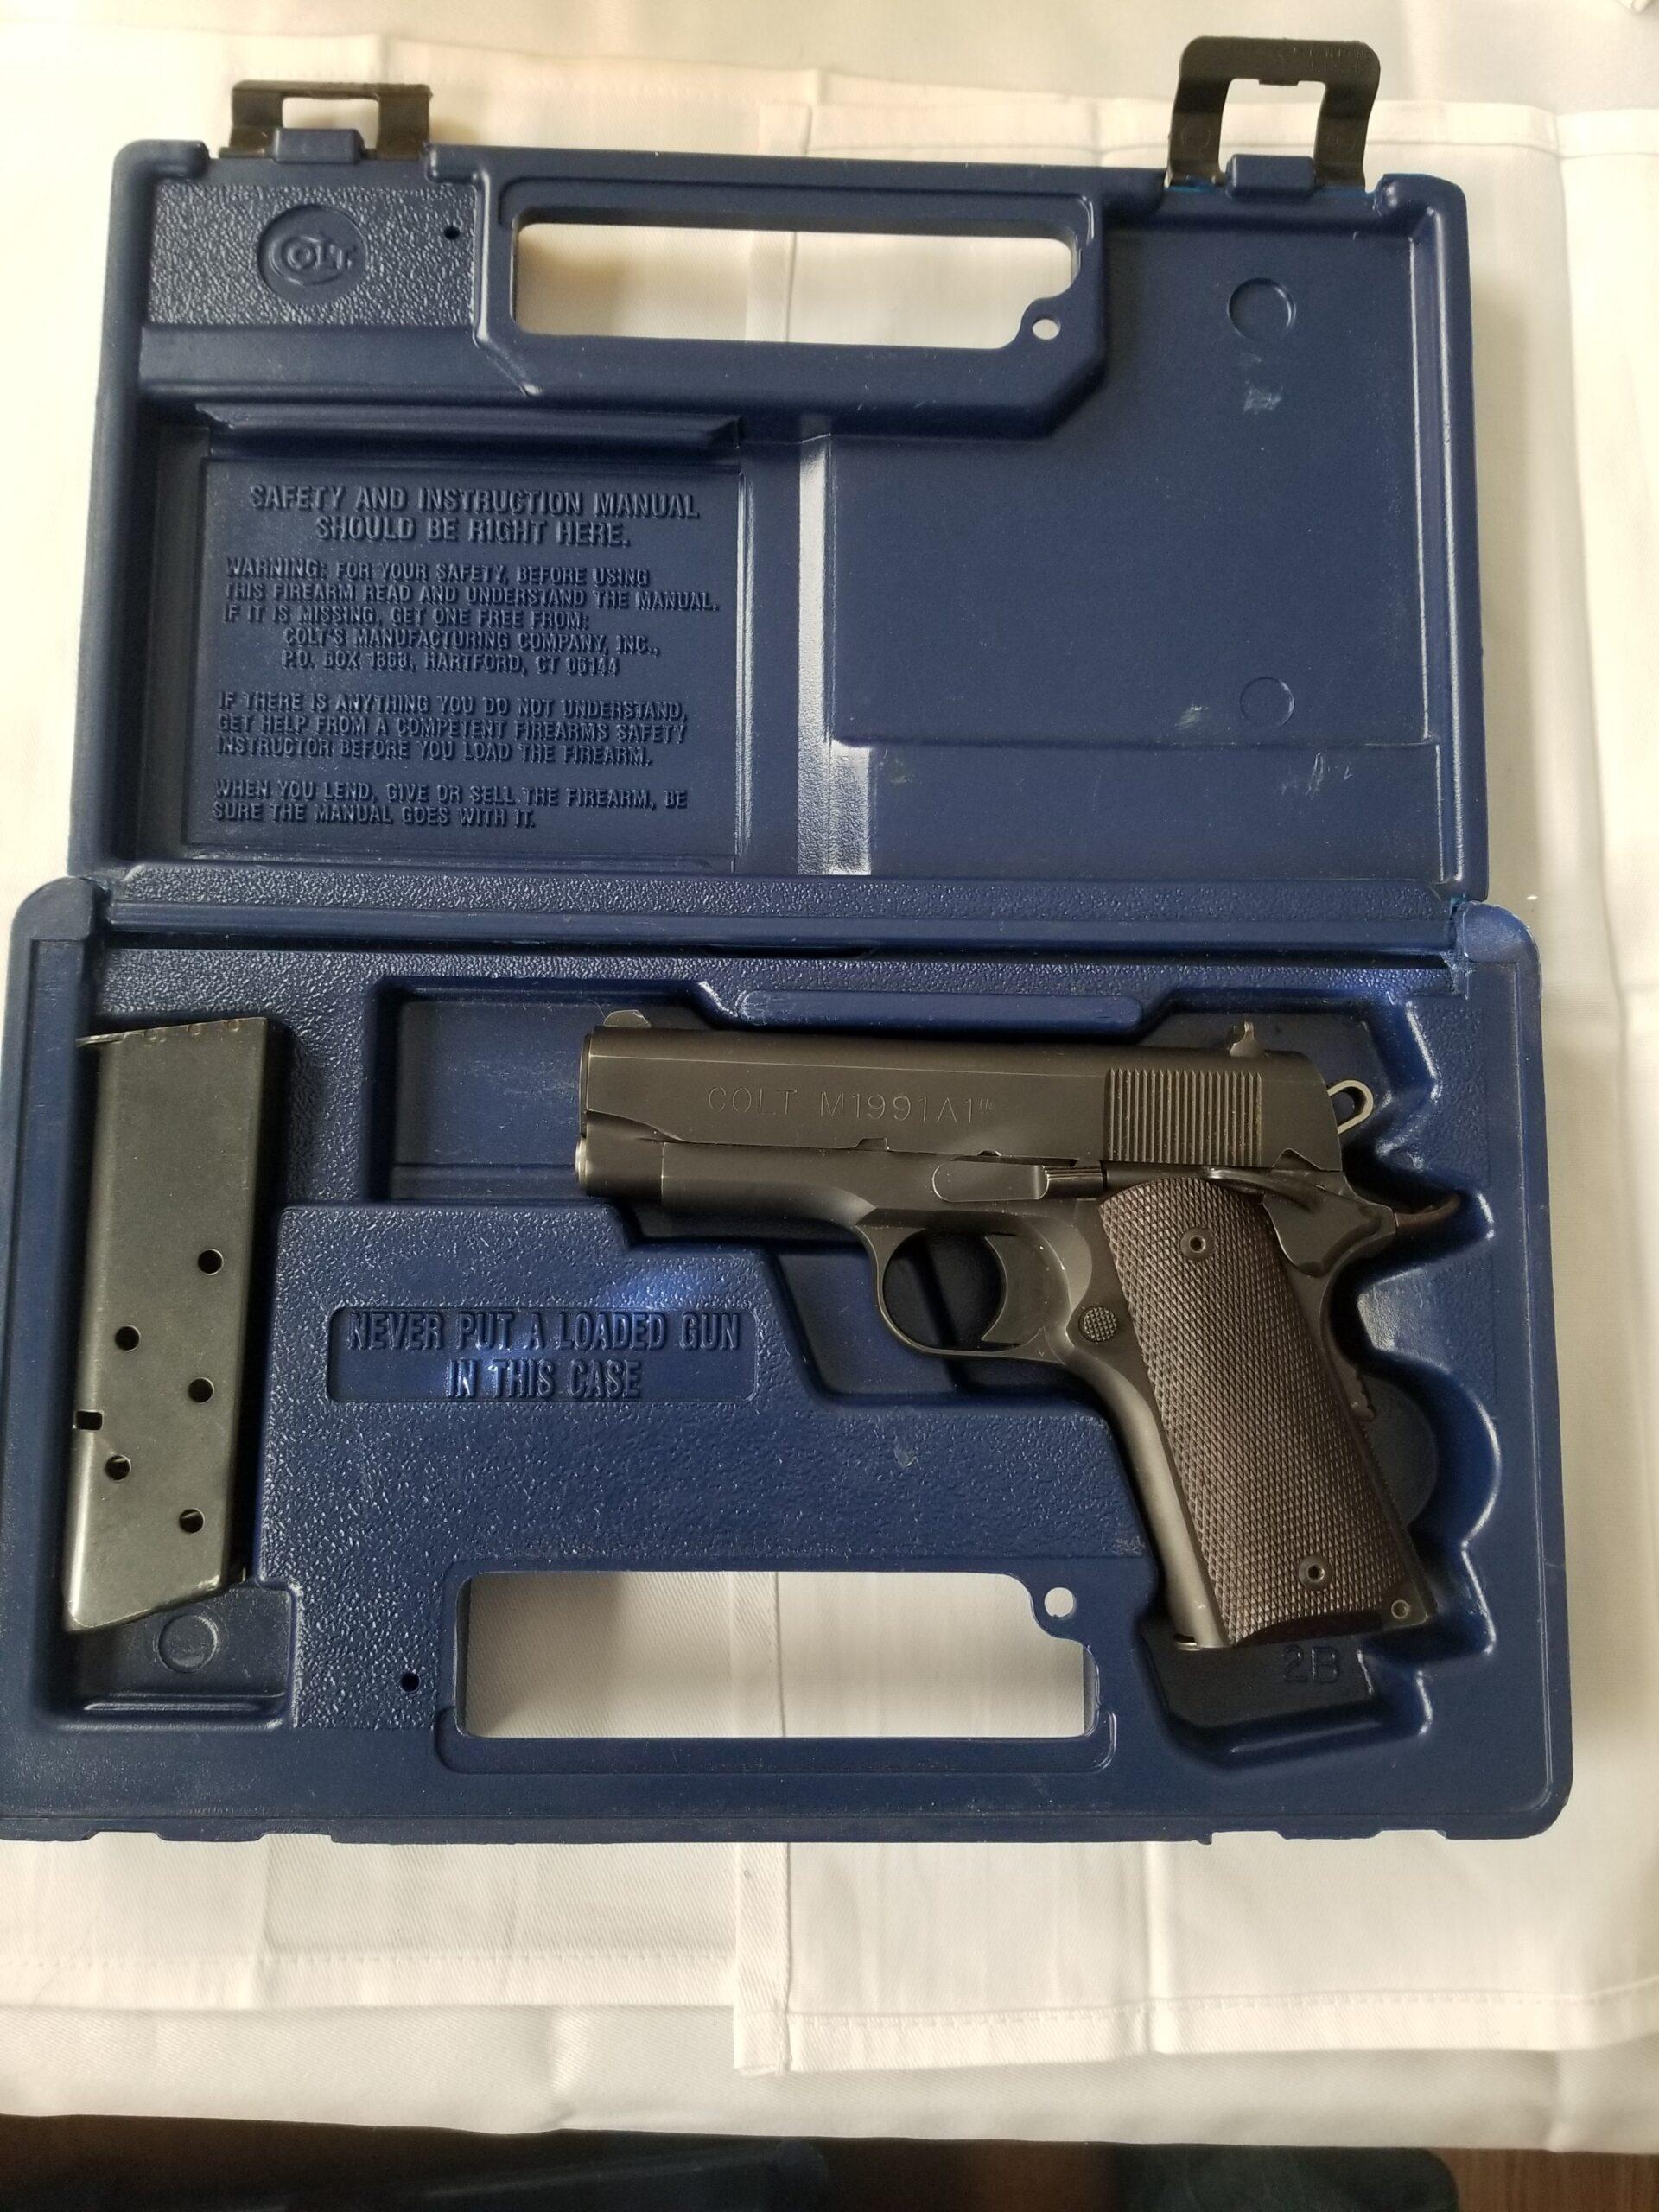 Colt 1991-A1 .45 ACP Semi-Auto Pistol